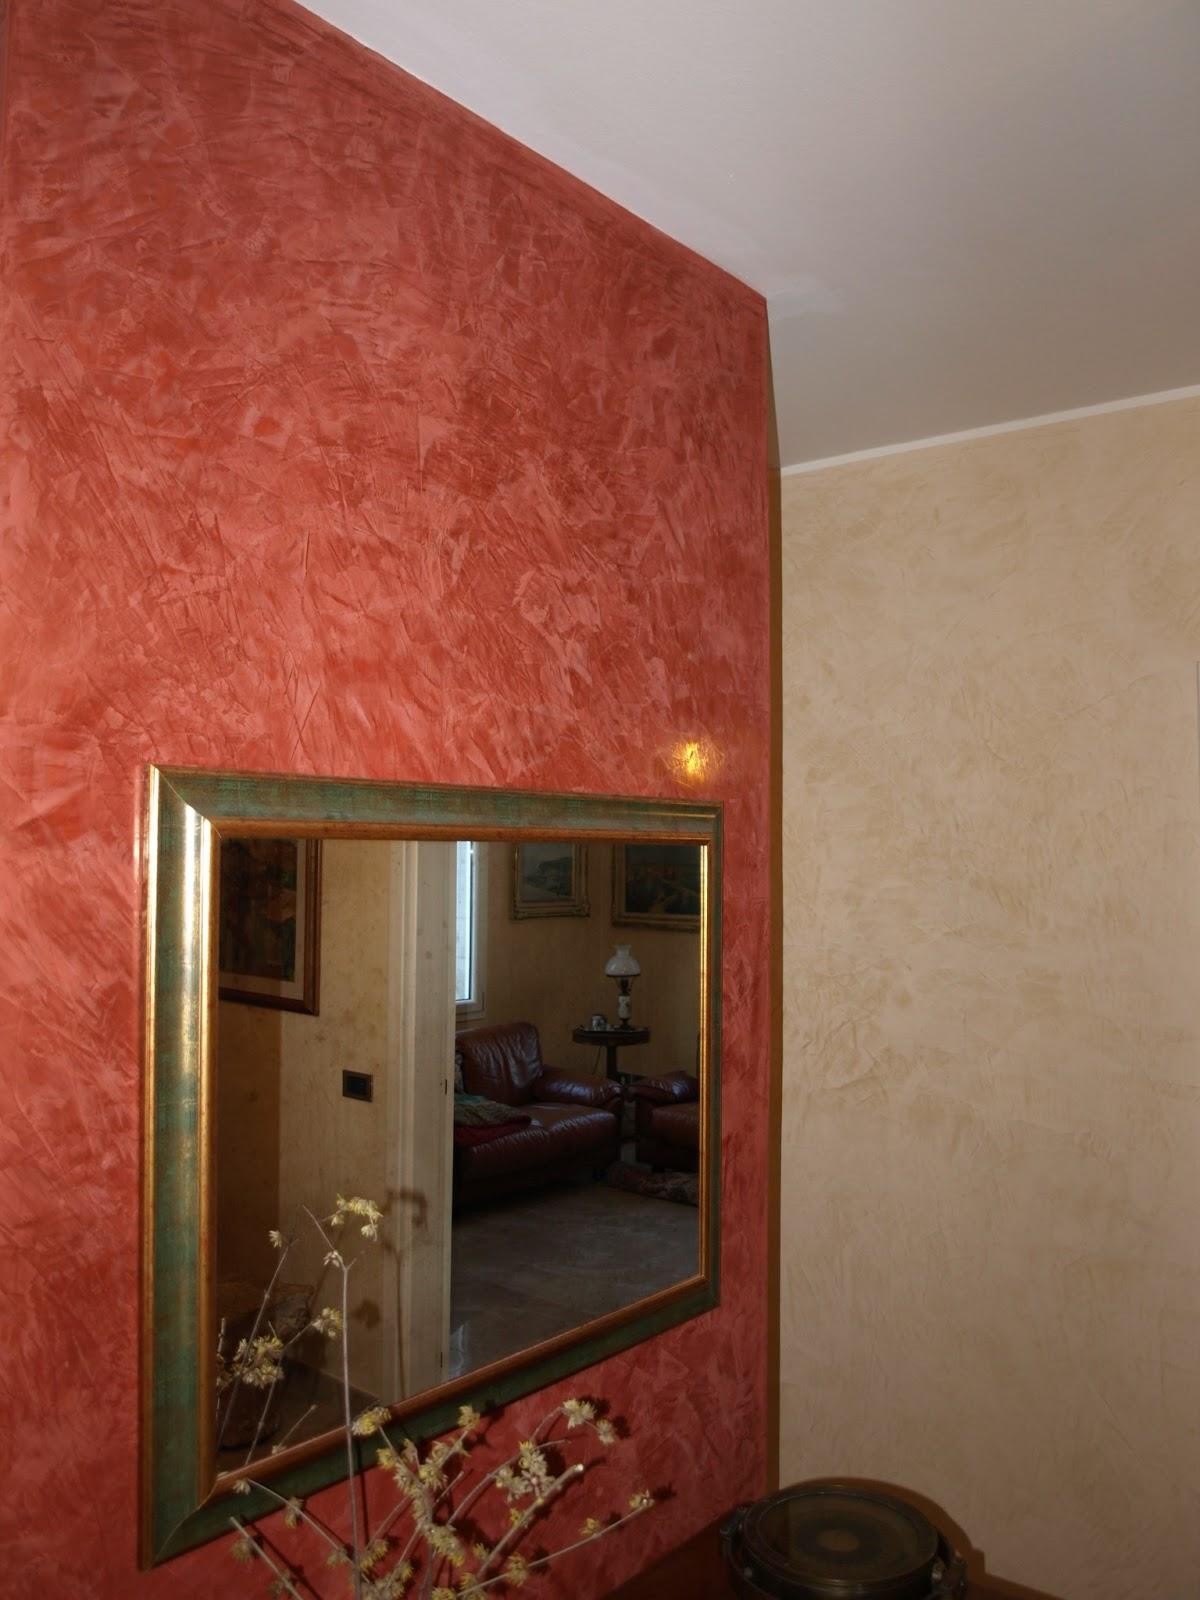 Laboratorio del colore restauro e consolidamento stucchi - Marmo veneziano ...